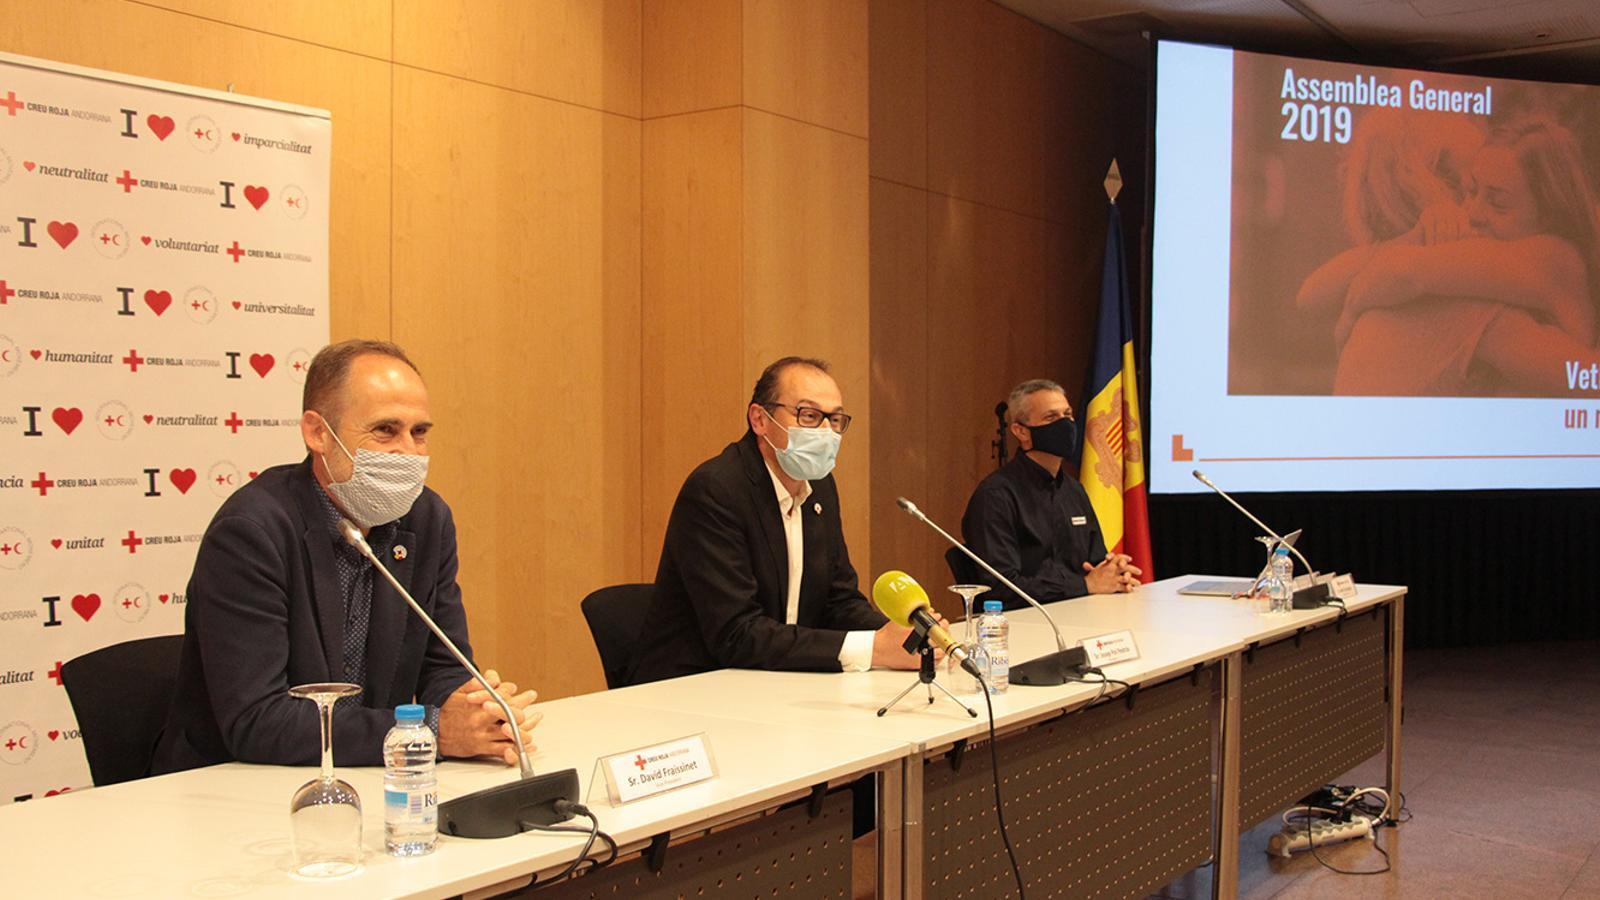 El vicepresident, el president i el director general de la Creu Roja Andorrana, David Fraissinet, Josep Pol i Jordi Fernández, respectivament. / M. F. (ANA)